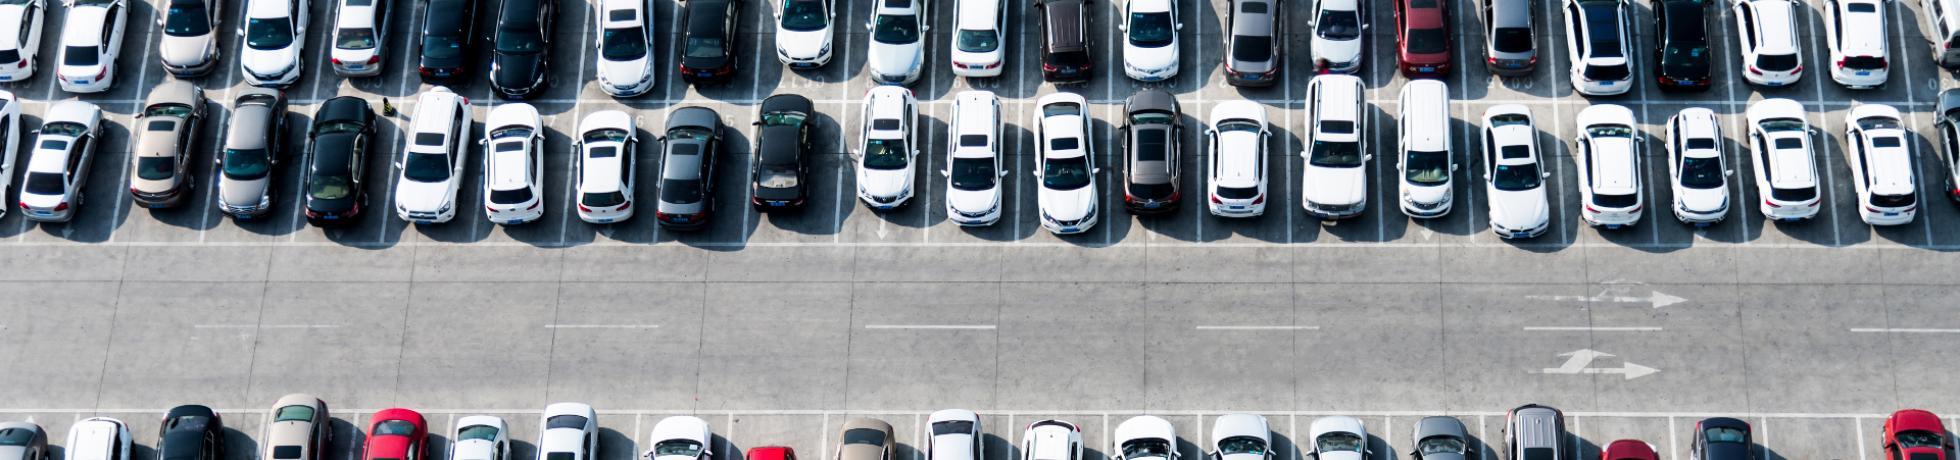 parkplatzcheck düsseldorf flughafen